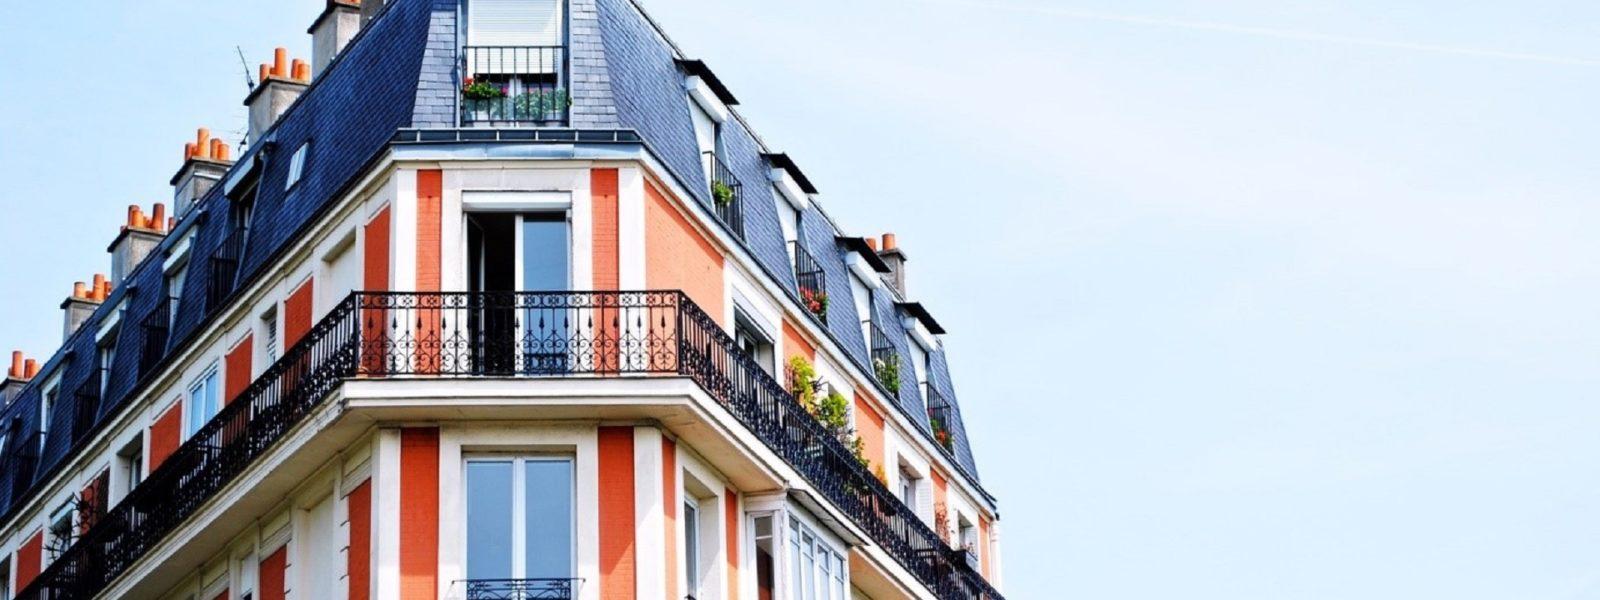 Hledání bydlení nejen s oříškem je dnes skutečný oříšek.